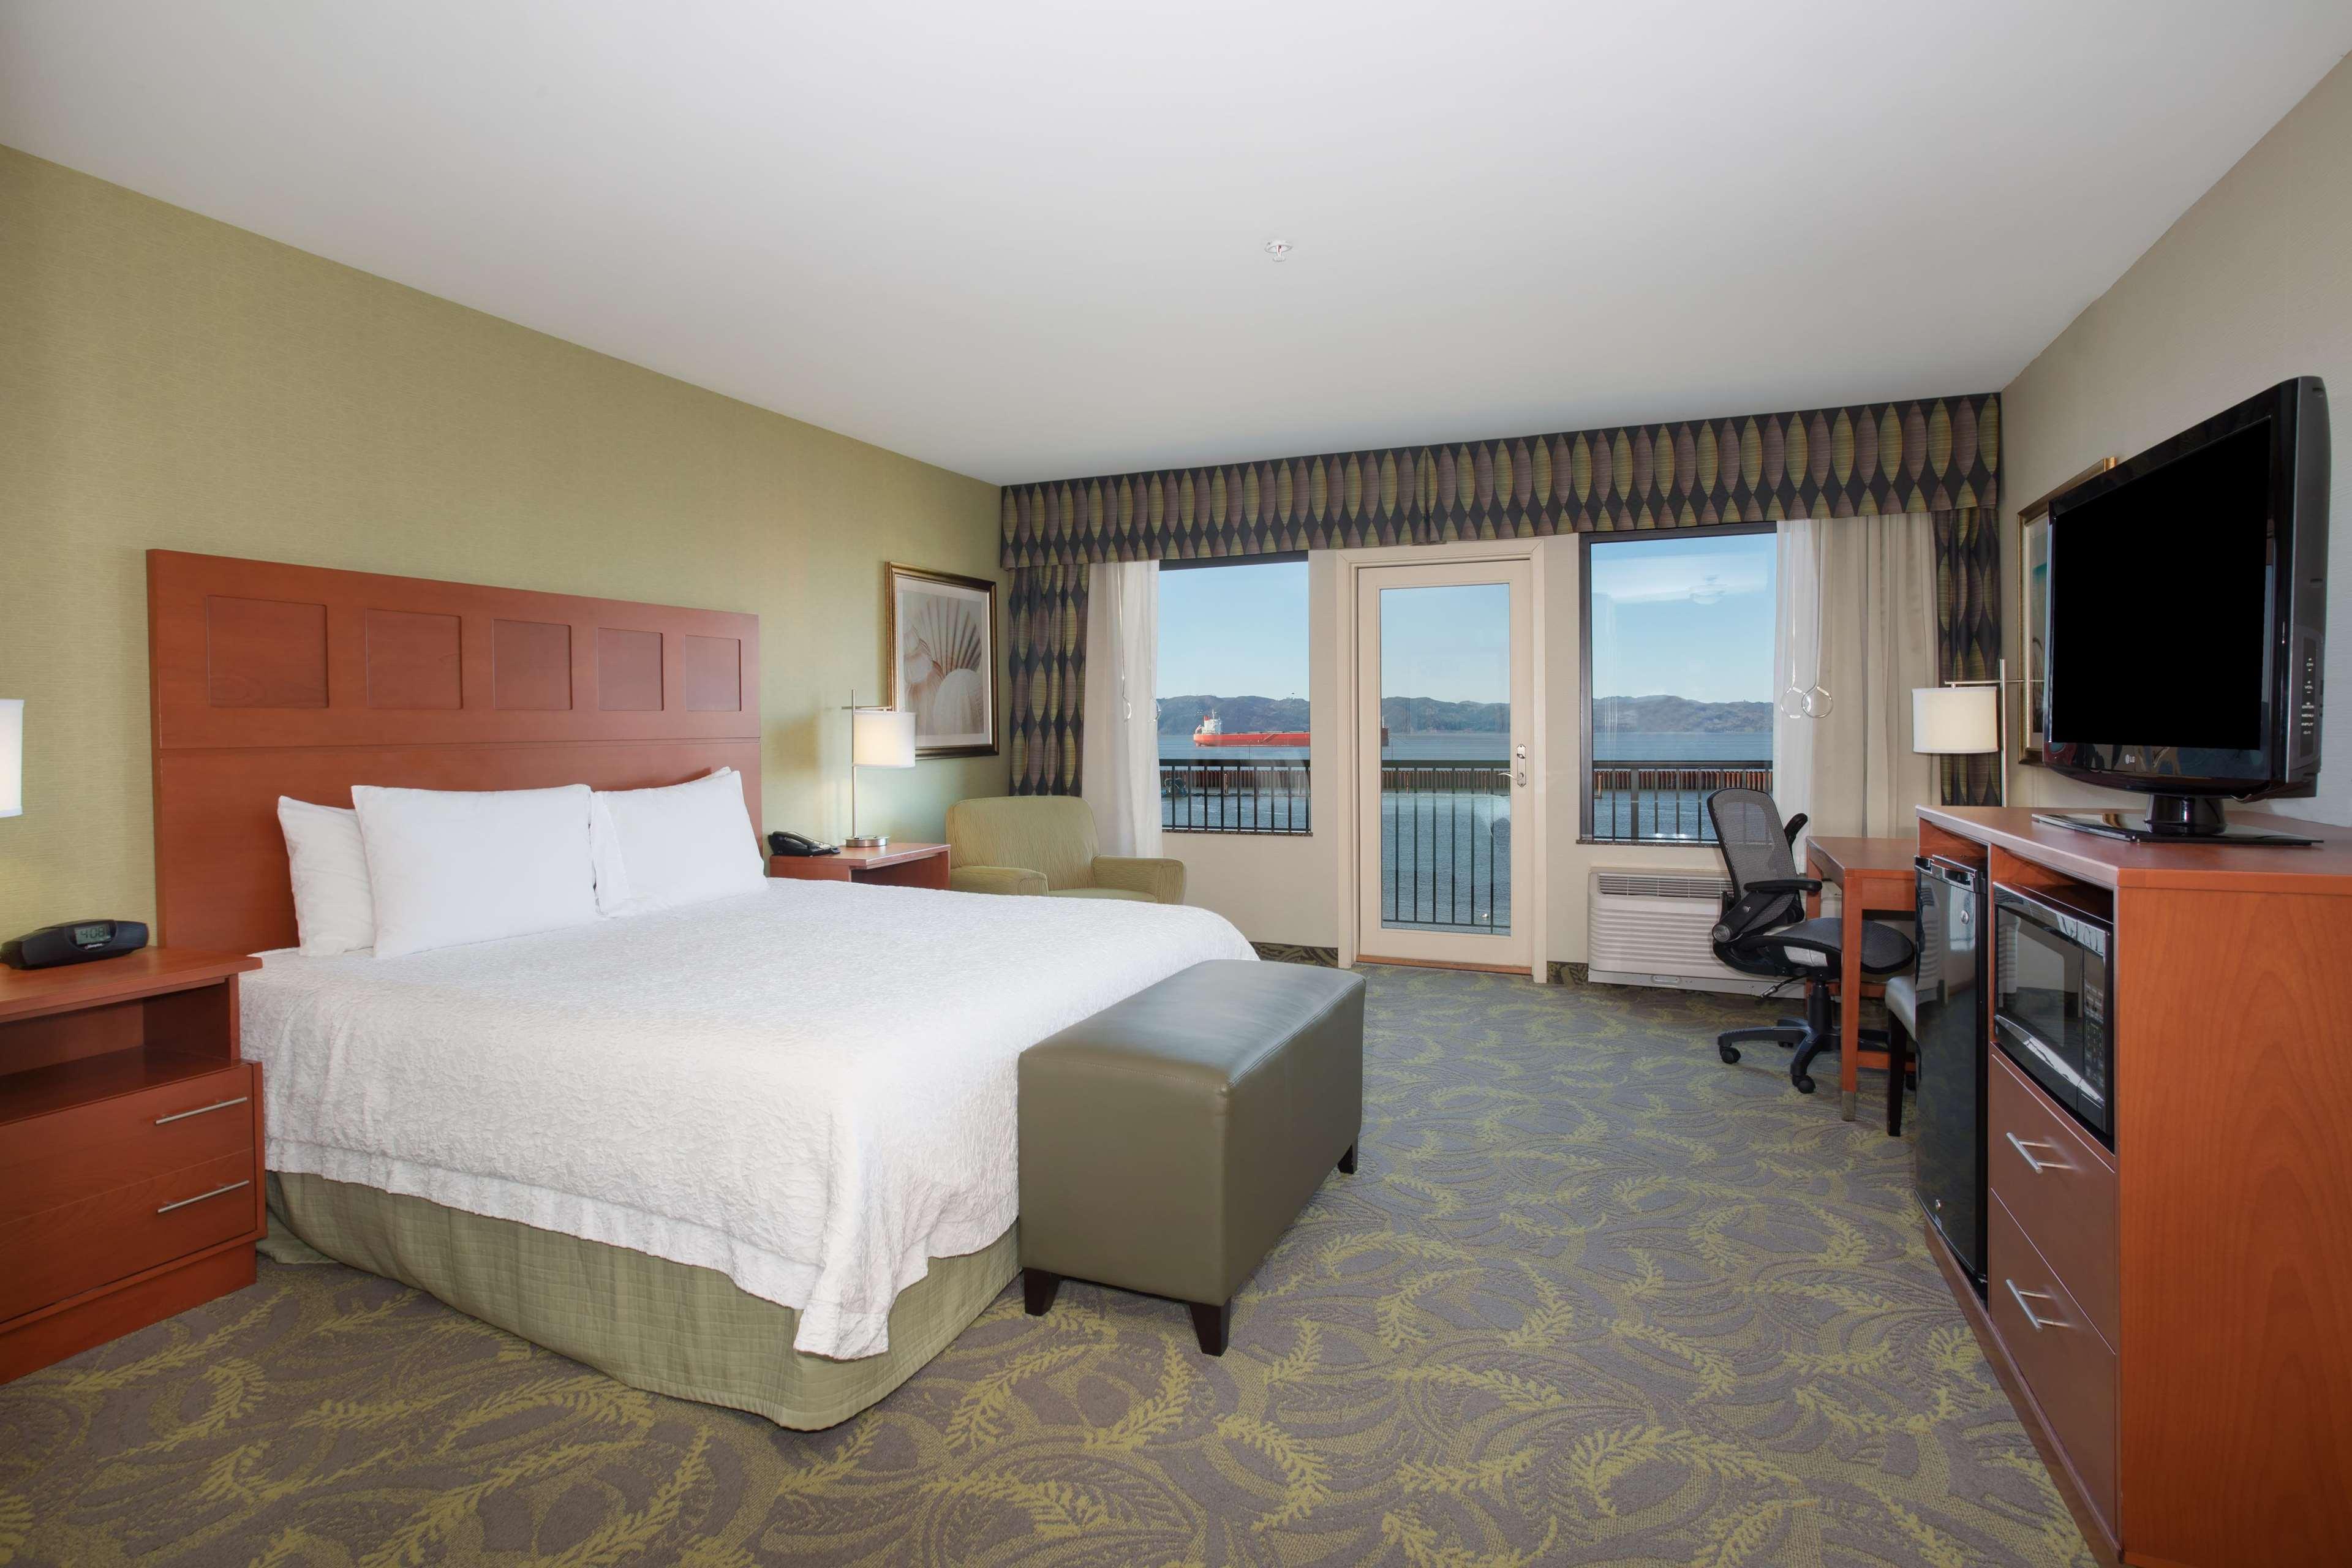 Hampton Inn & Suites Astoria image 42